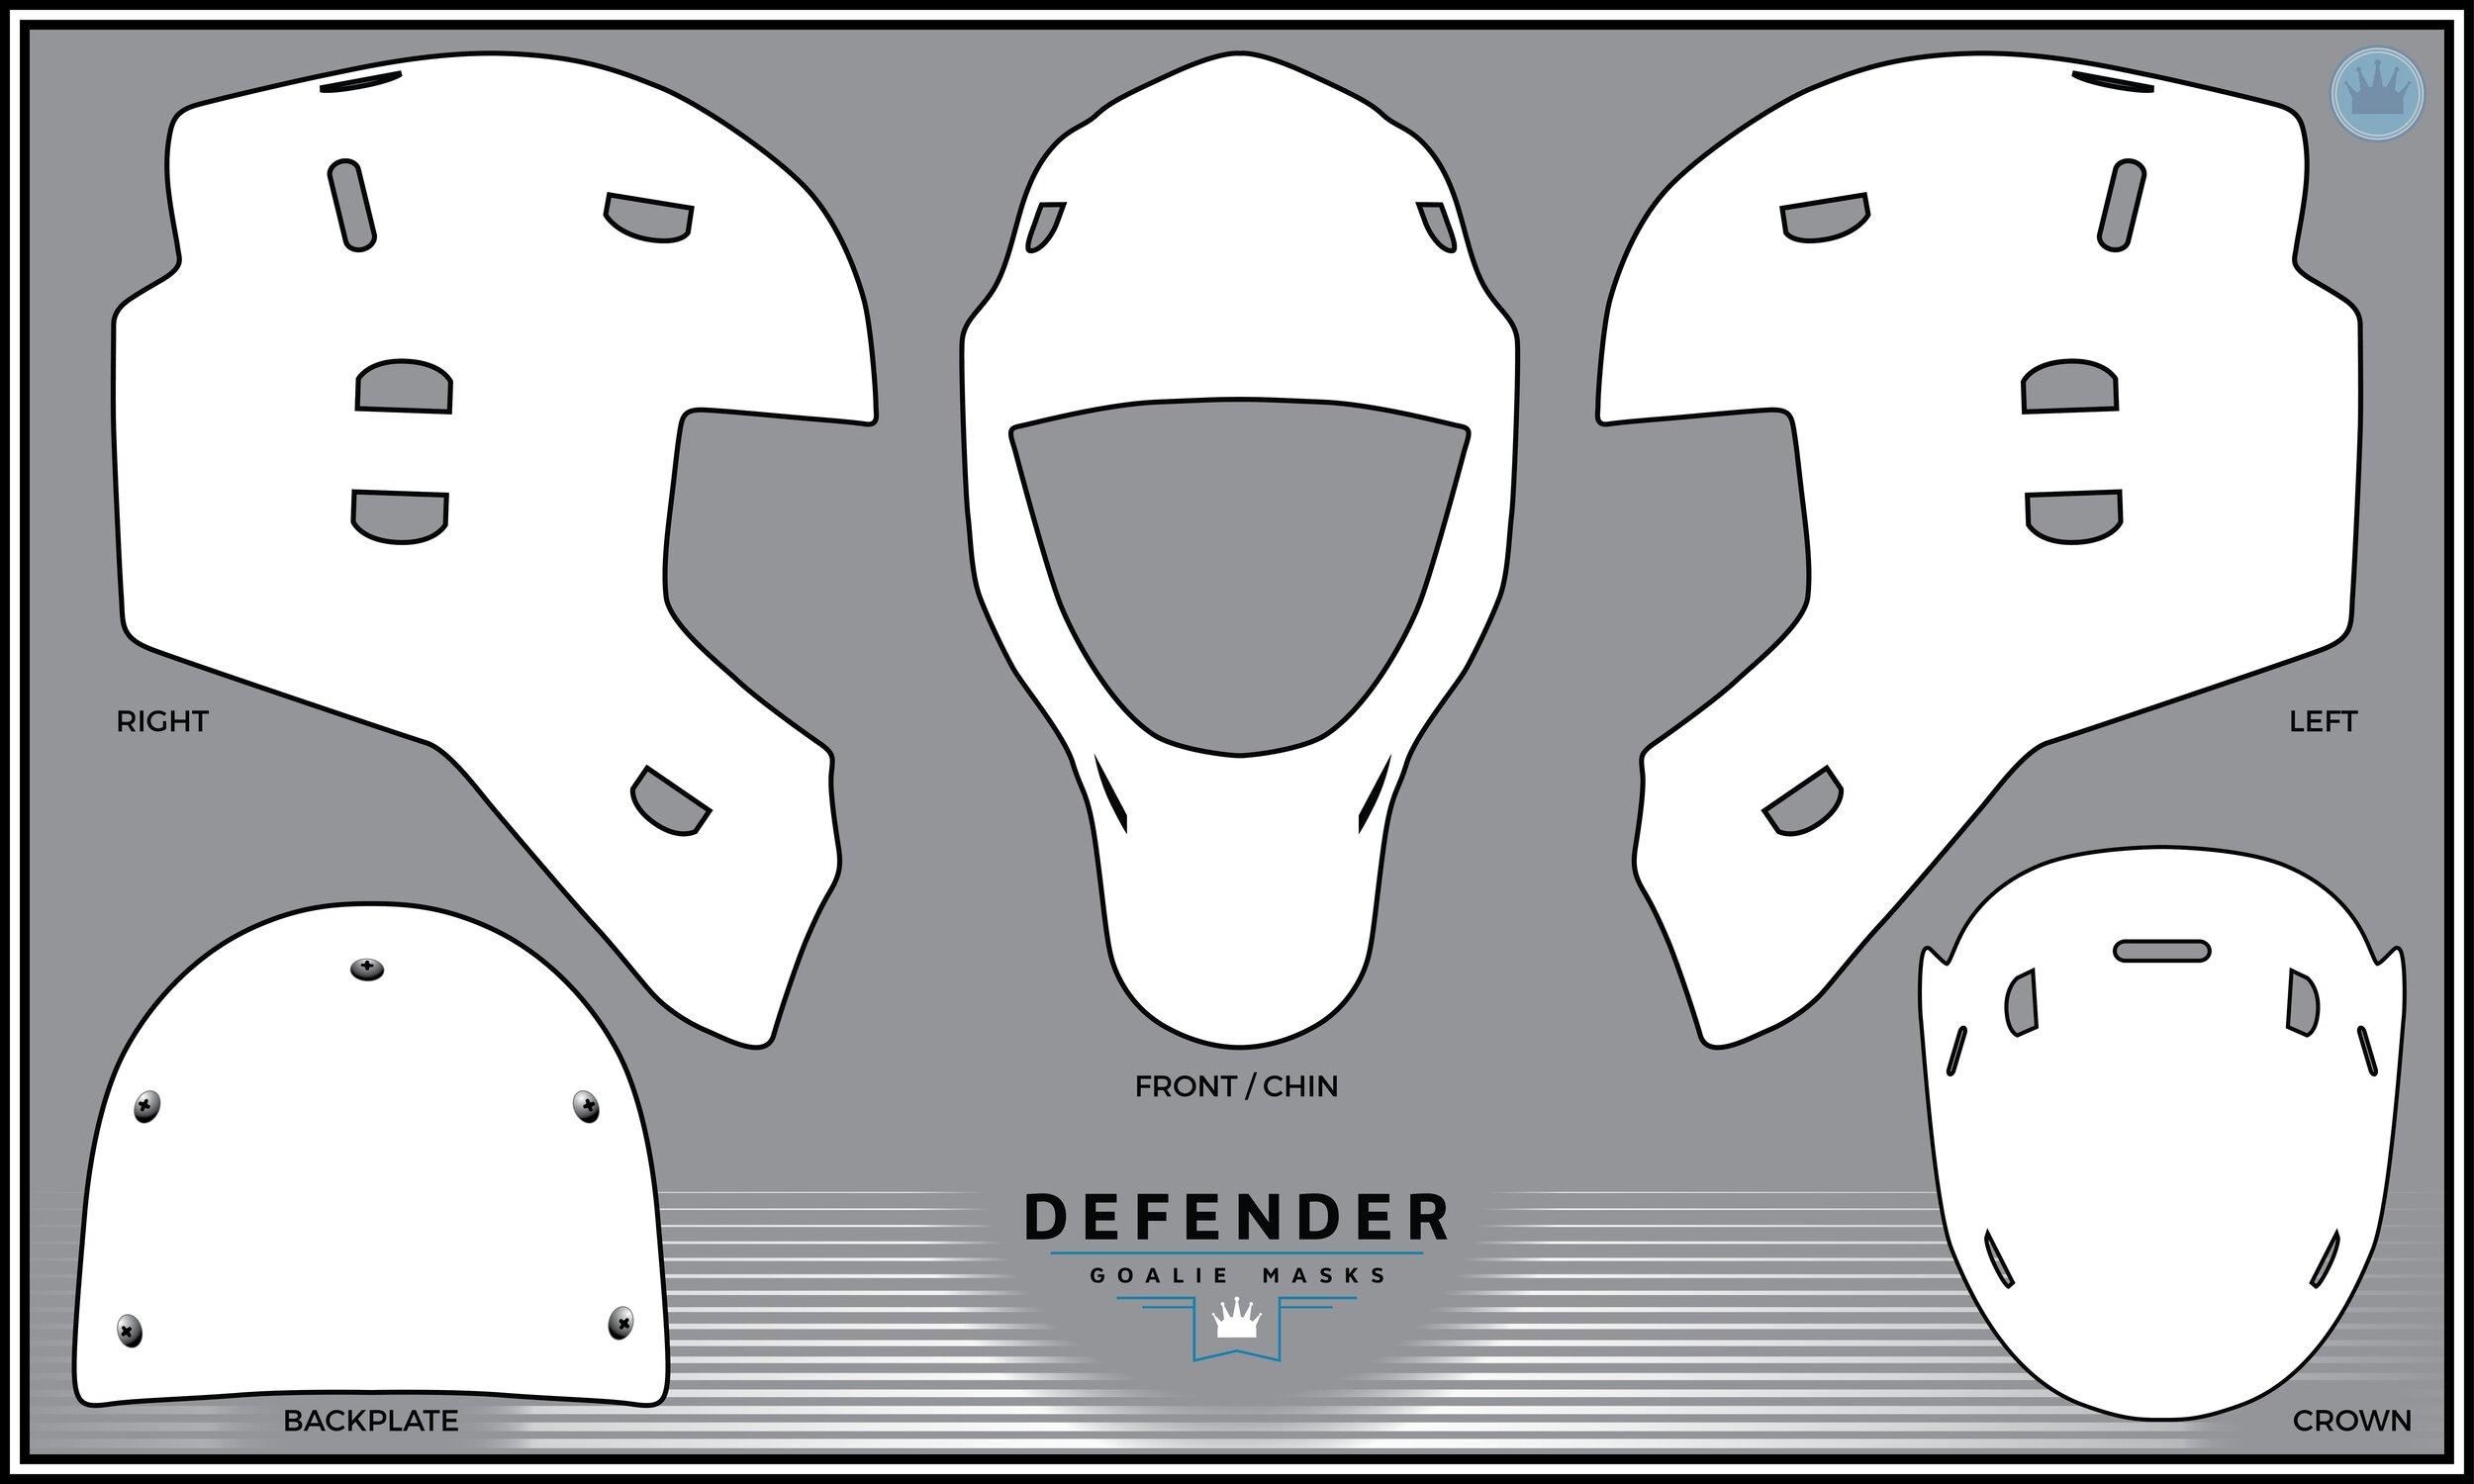 Defender Goalie Mask Design Template